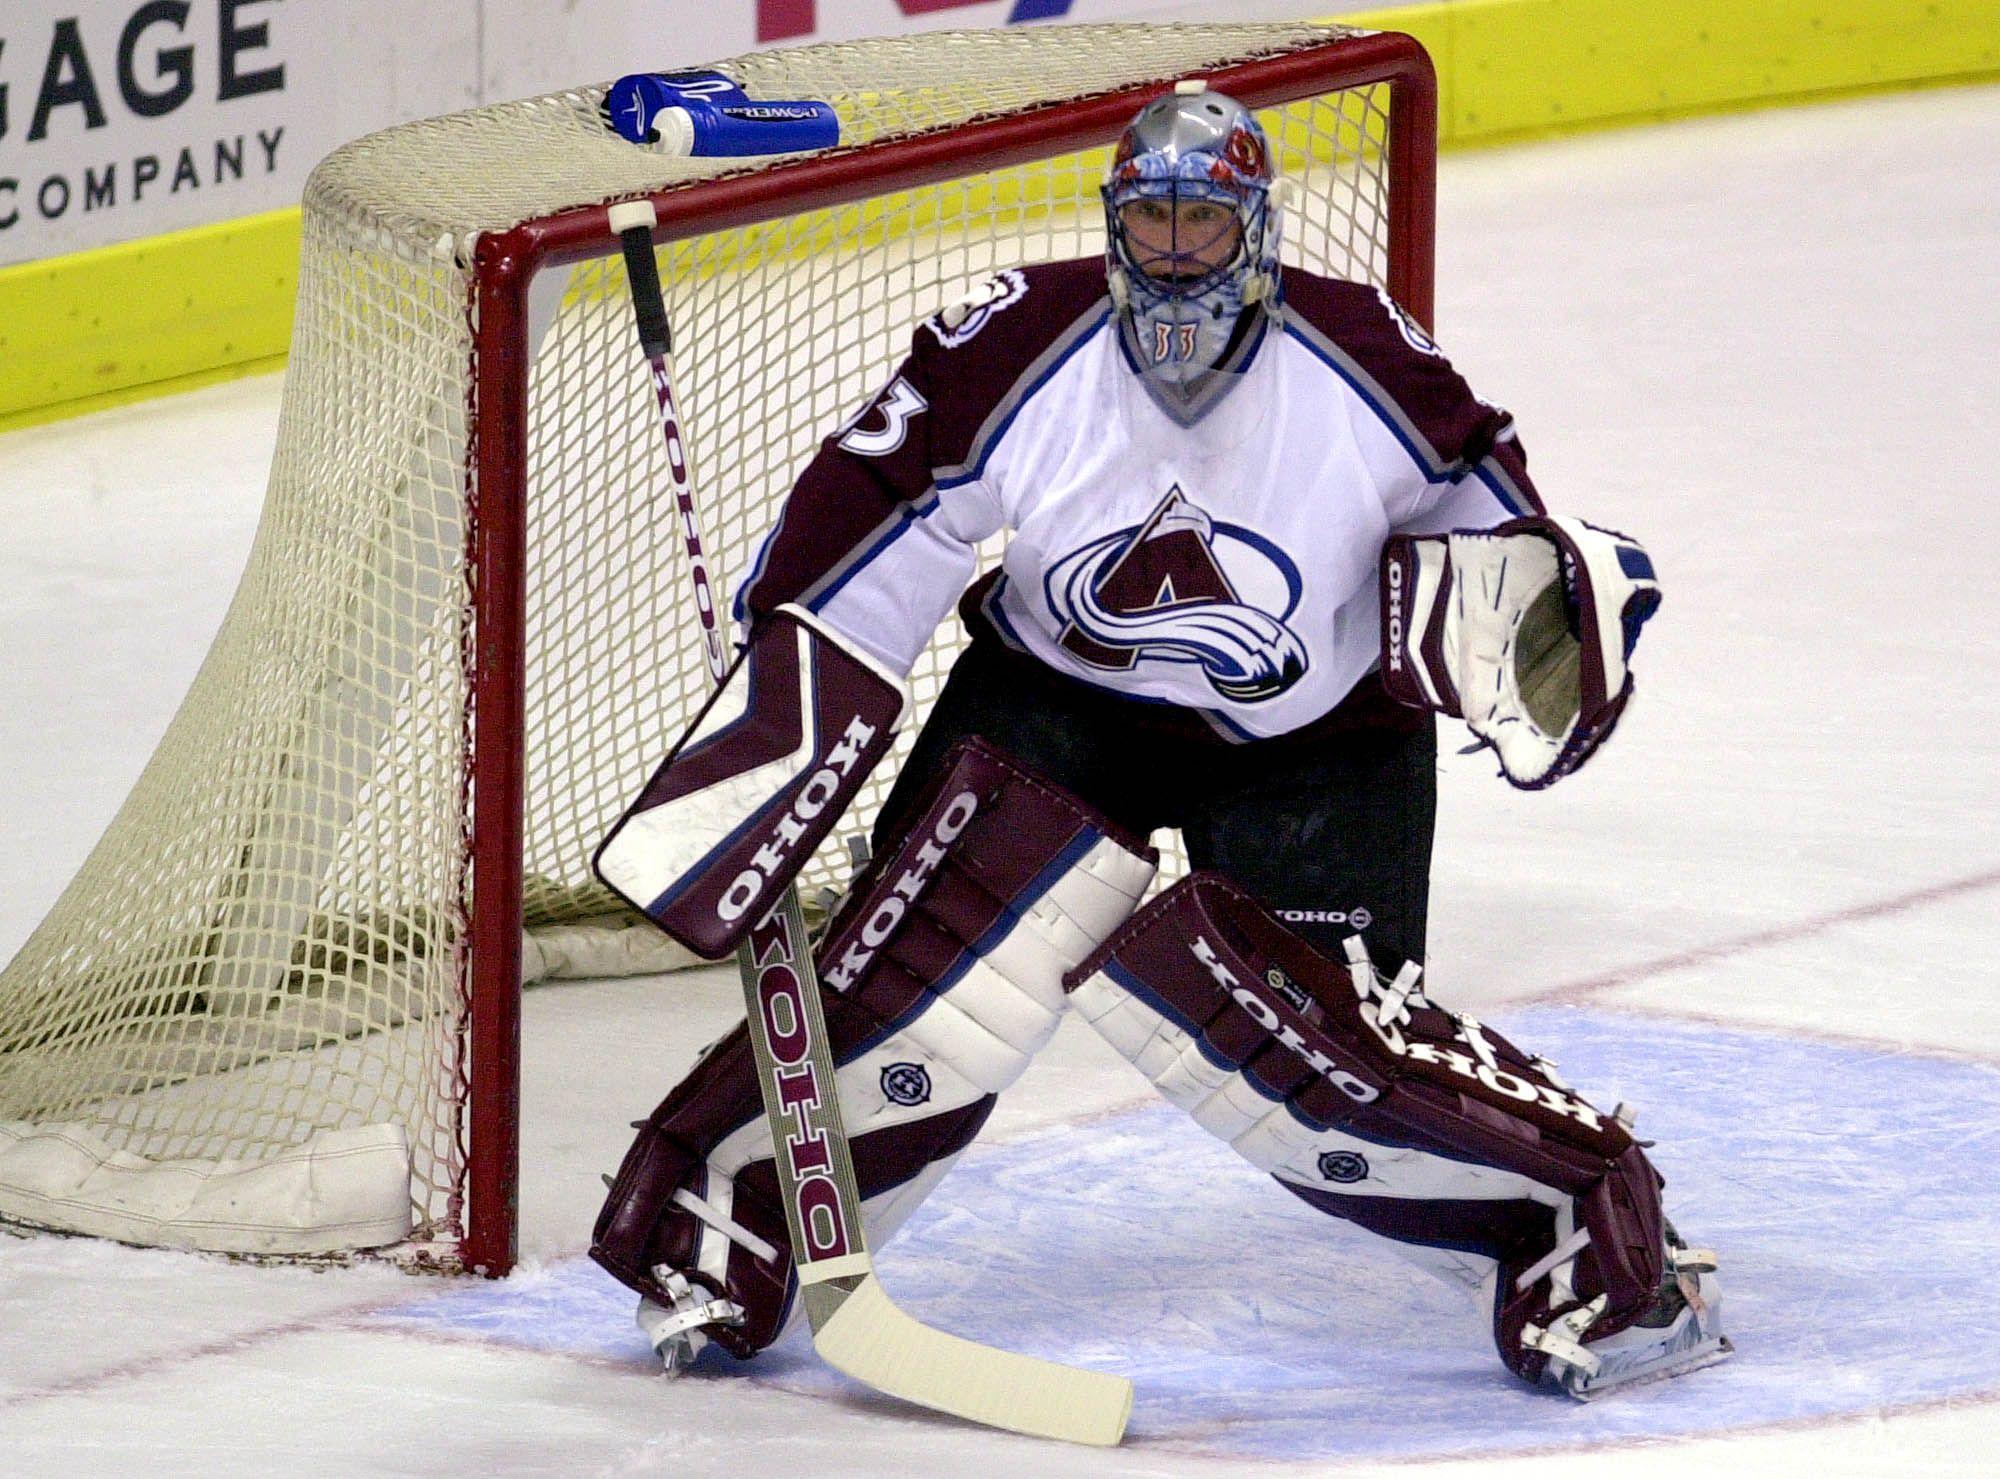 Patrick Roy Hockey Goalie Goalie Sport Icon